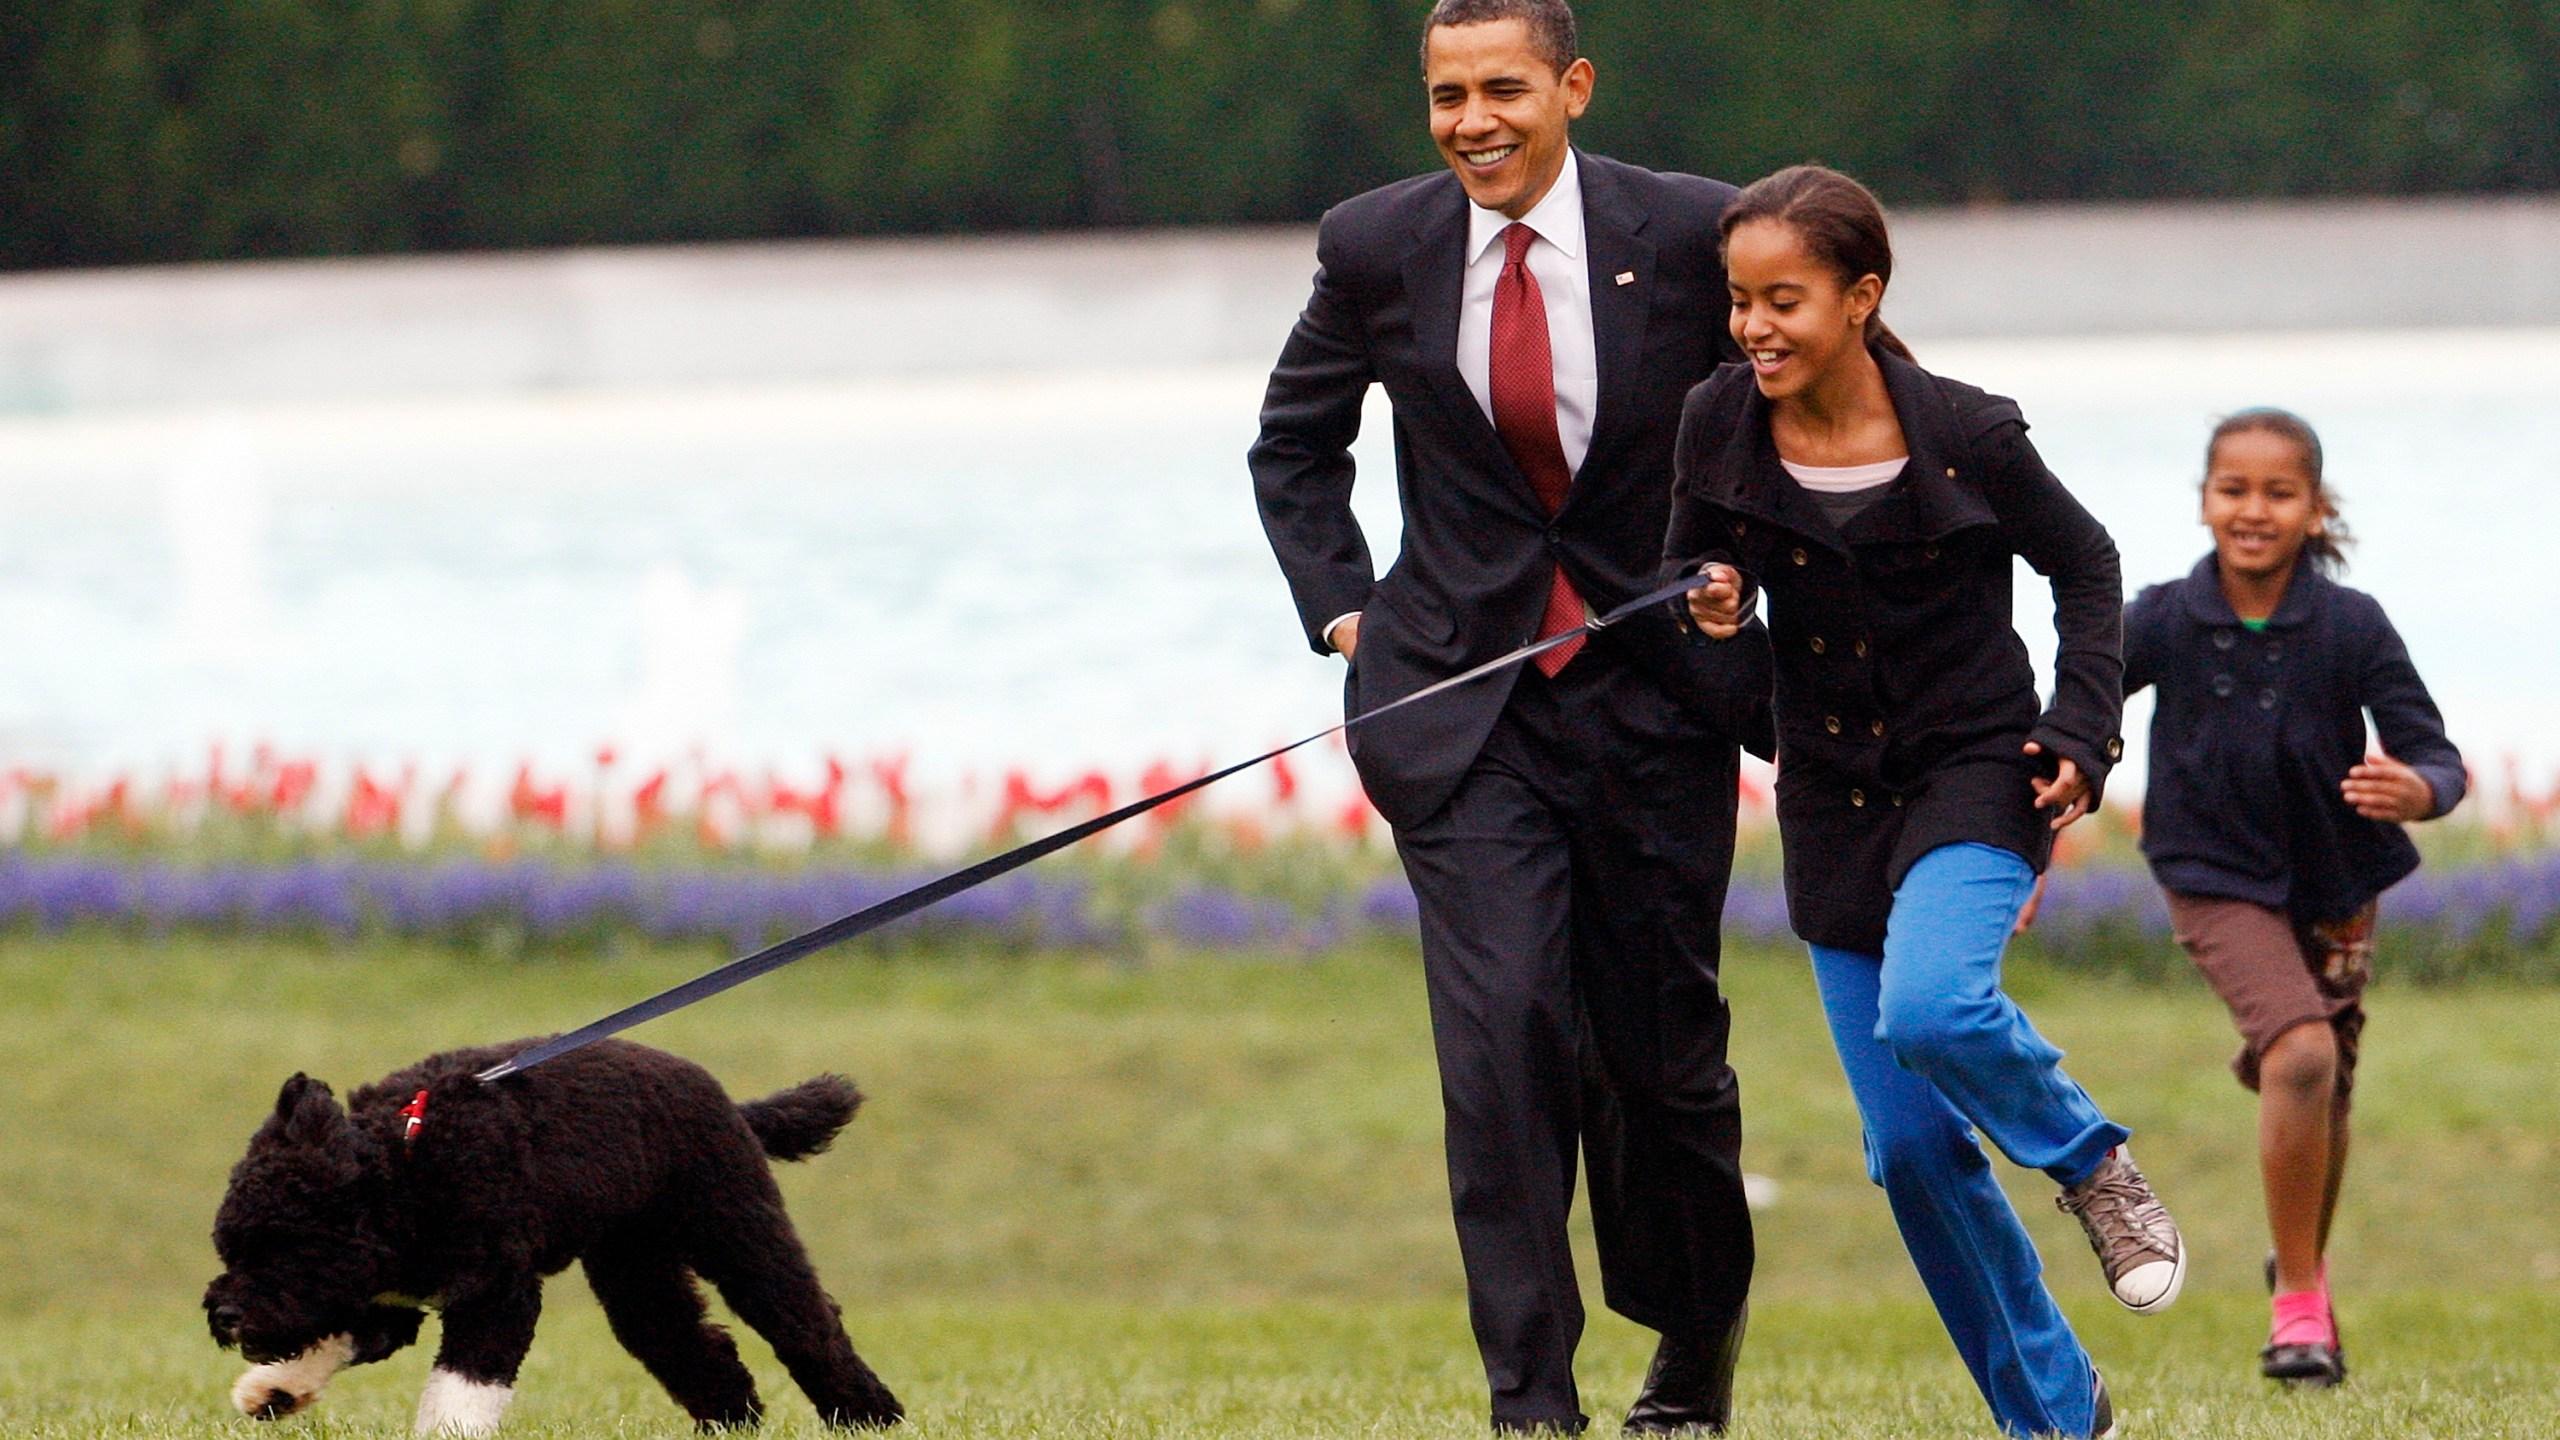 Barack Obama, Sasha Obama, Malia Obama